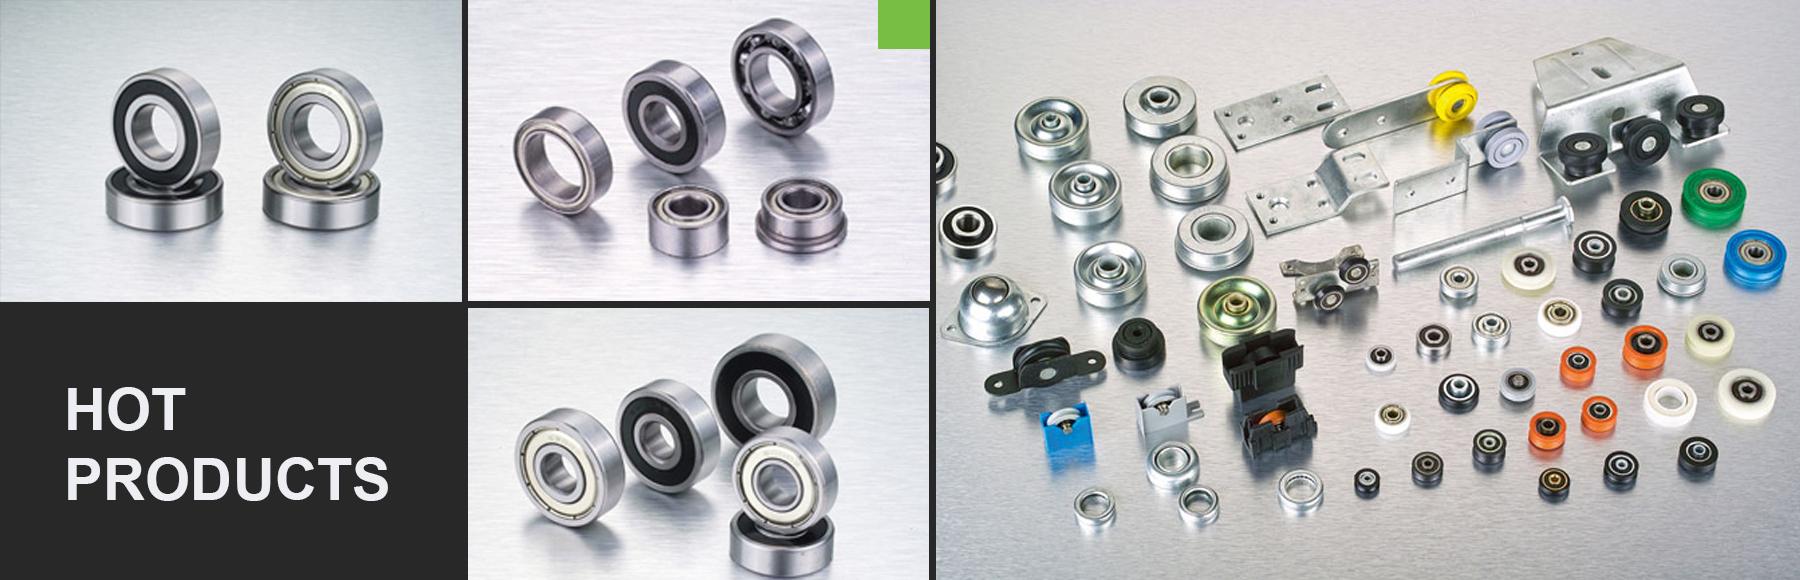 Miniature_Ball-Bearings